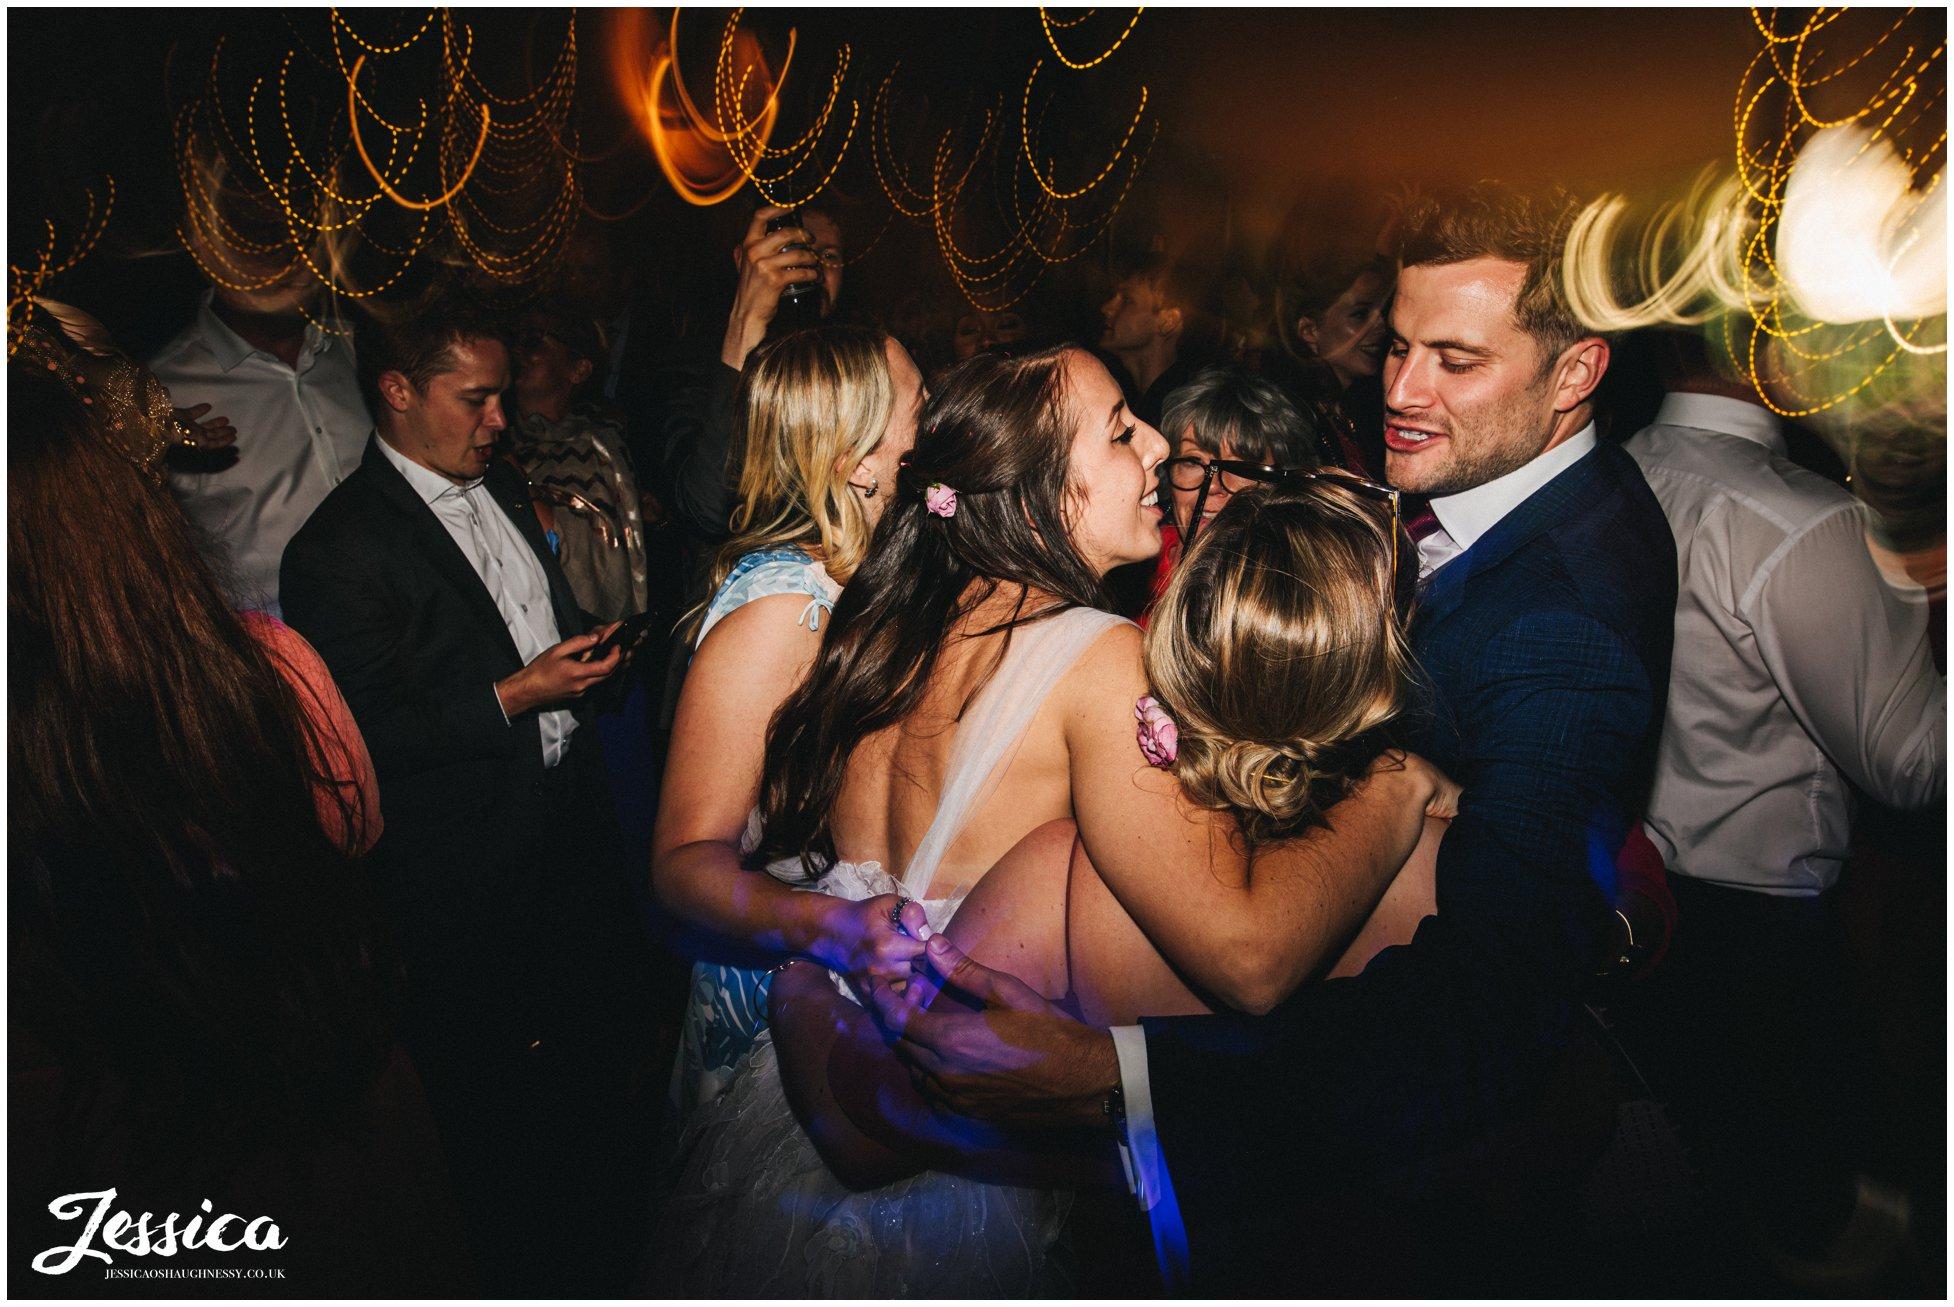 couple group hug their friends on the dance floor